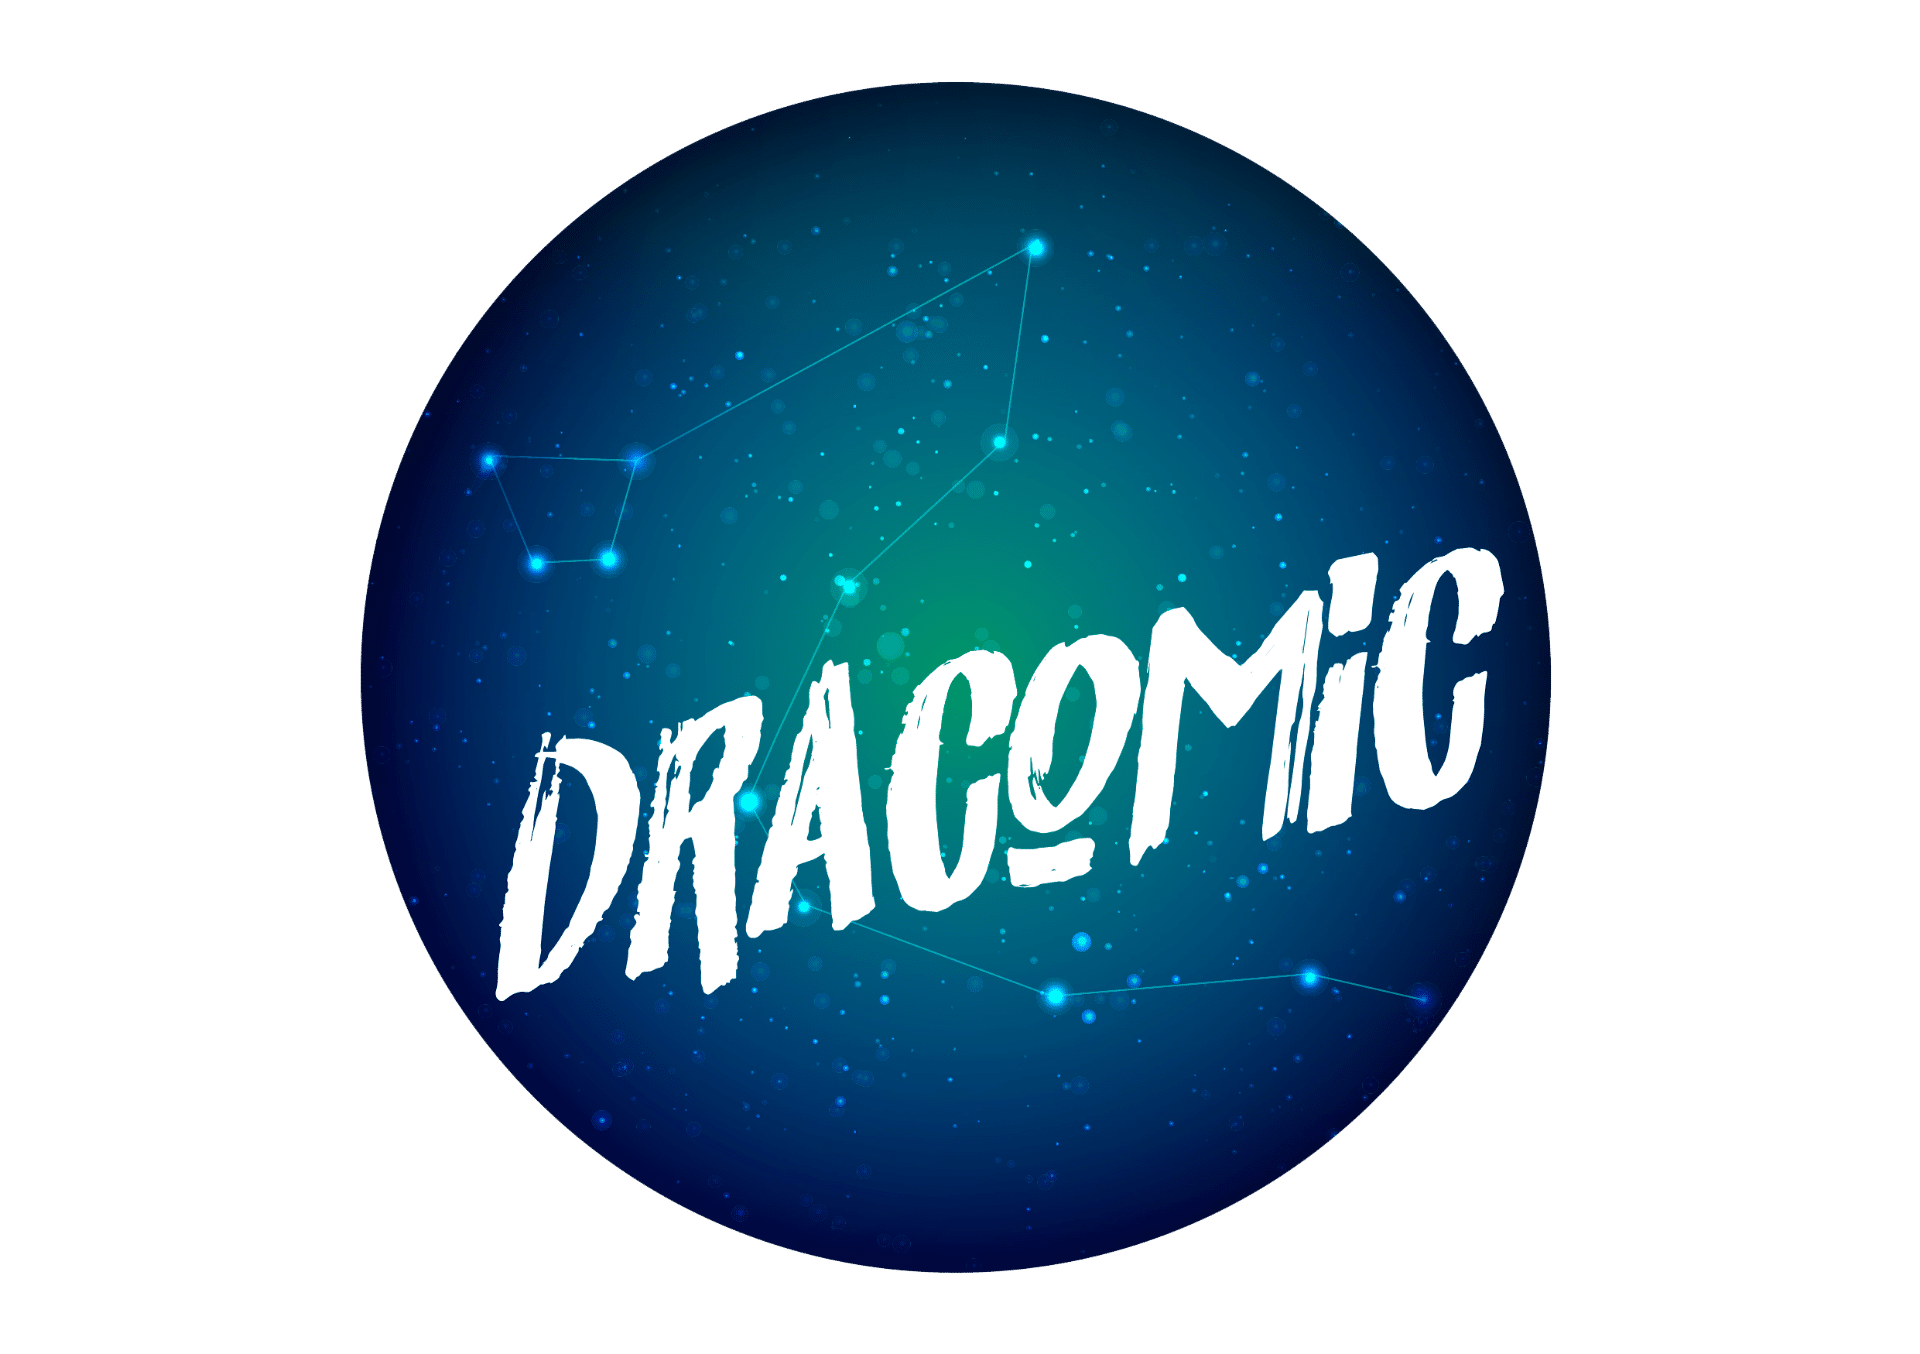 Diseño Identidad Corporativa: Dracomic Tienda Online - Diseño Gráfico